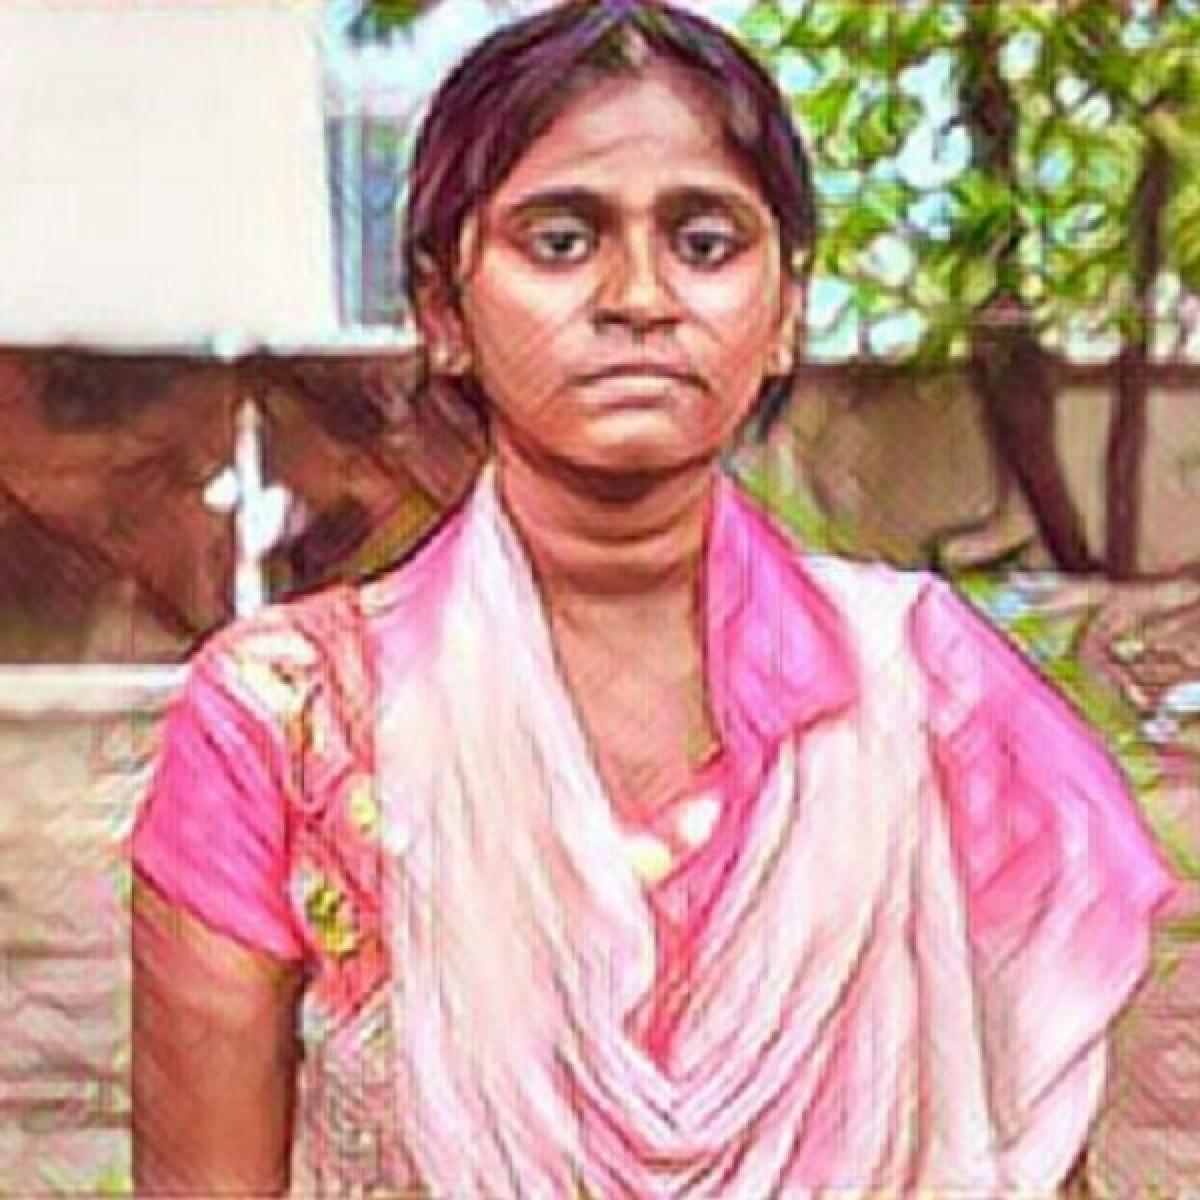 அனிதாவின் தற்கொலை அரசபயங்கரவாதம் - சிவகார்த்திகேயன் முதல் ஜஸ்டின் பிரபாகரன் வரை  #NEETkilledAnitha